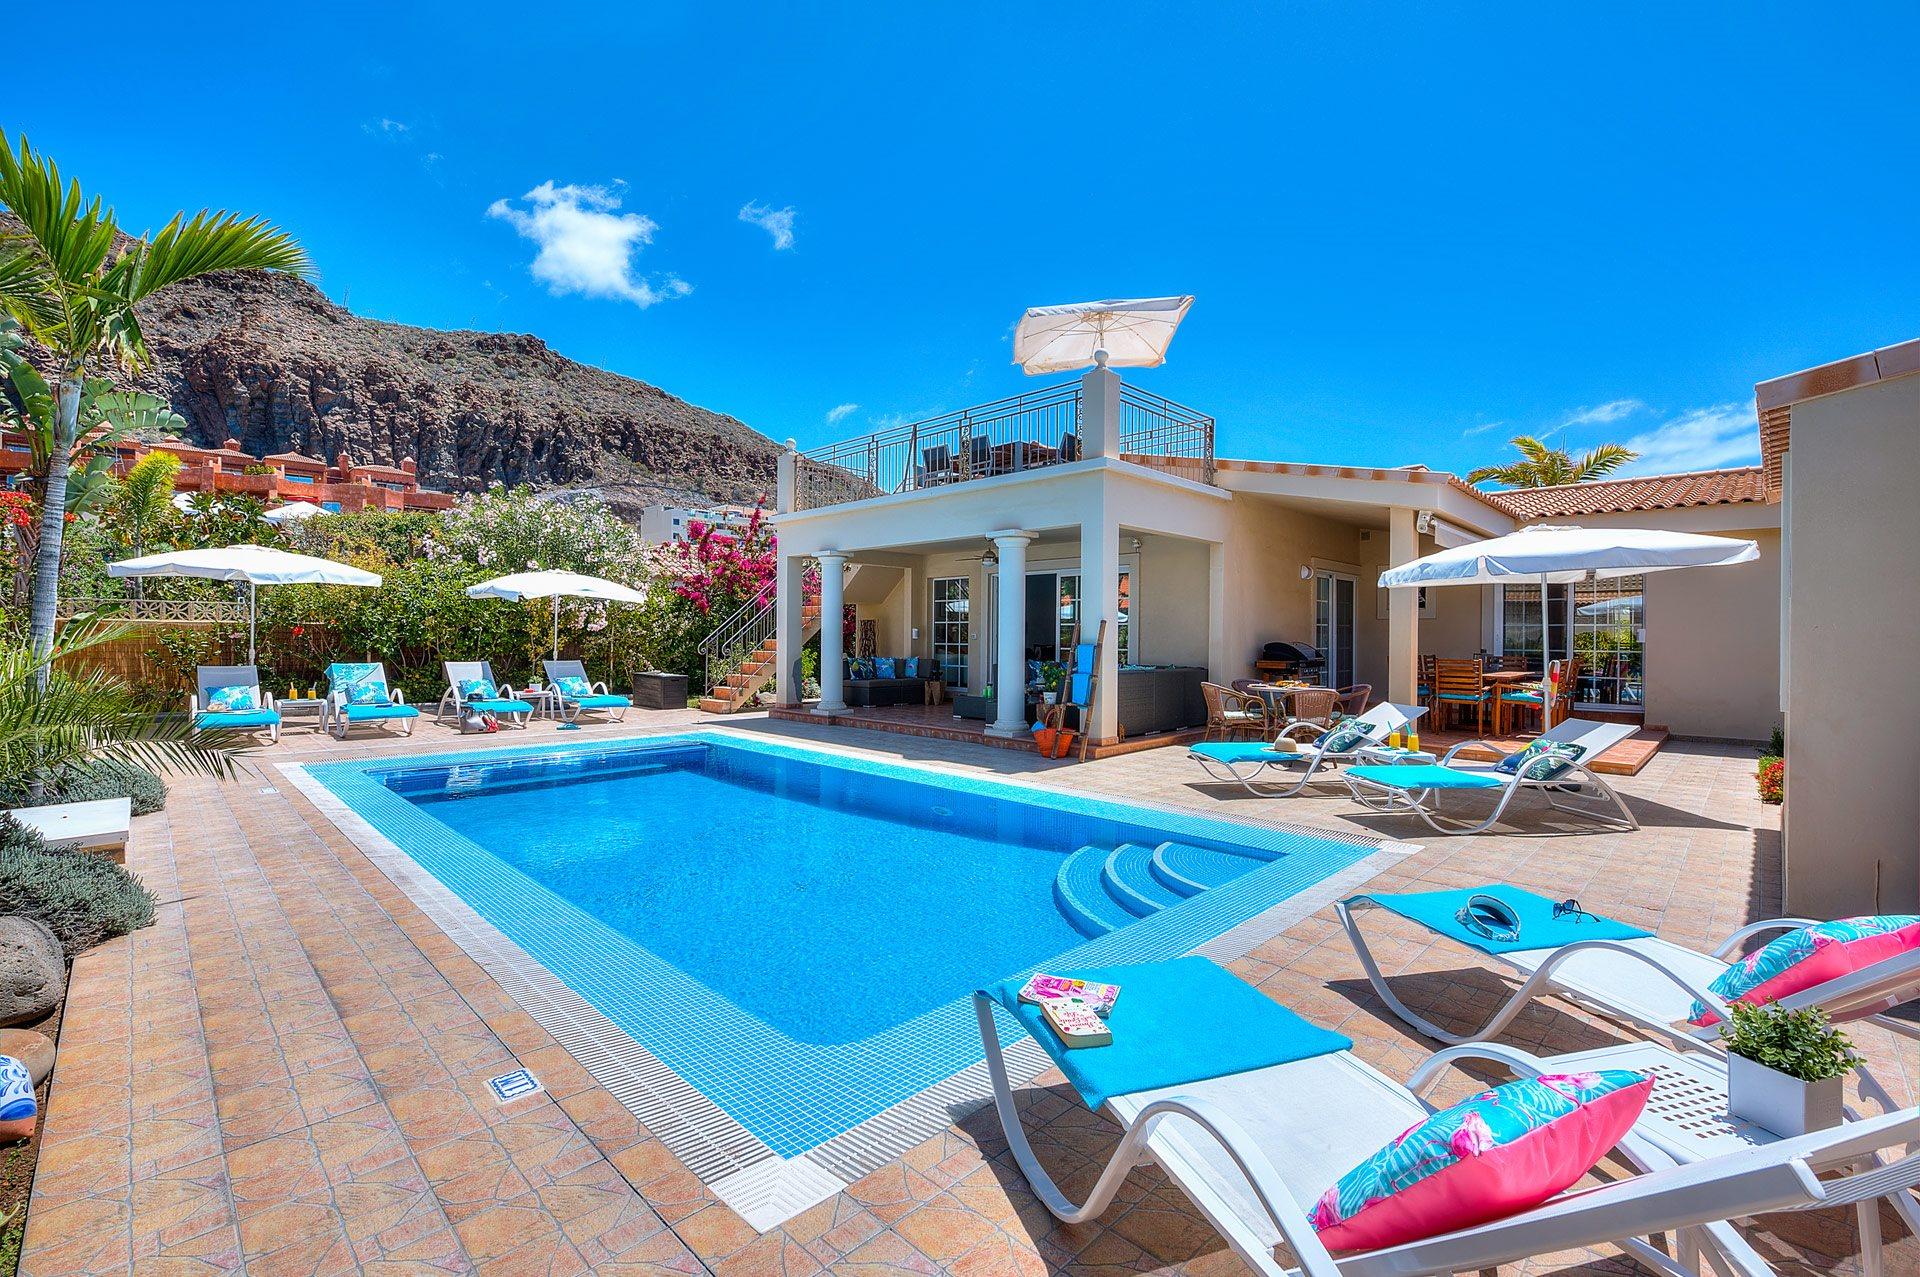 Villa Palm Mar, Palm Mar, Tenerife, Spain